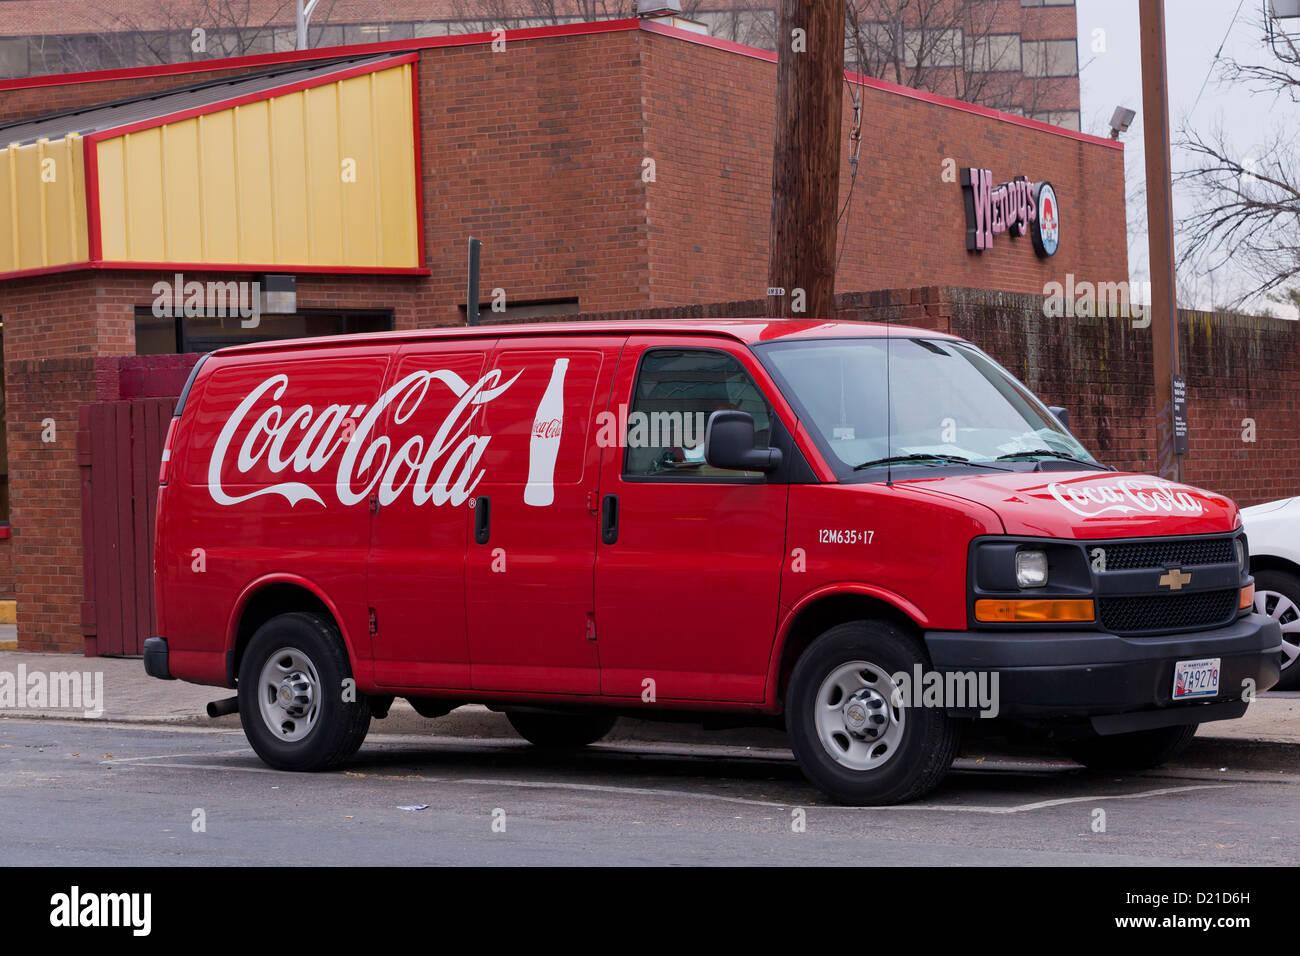 Coca-Cola delivery van - USA - Stock Image